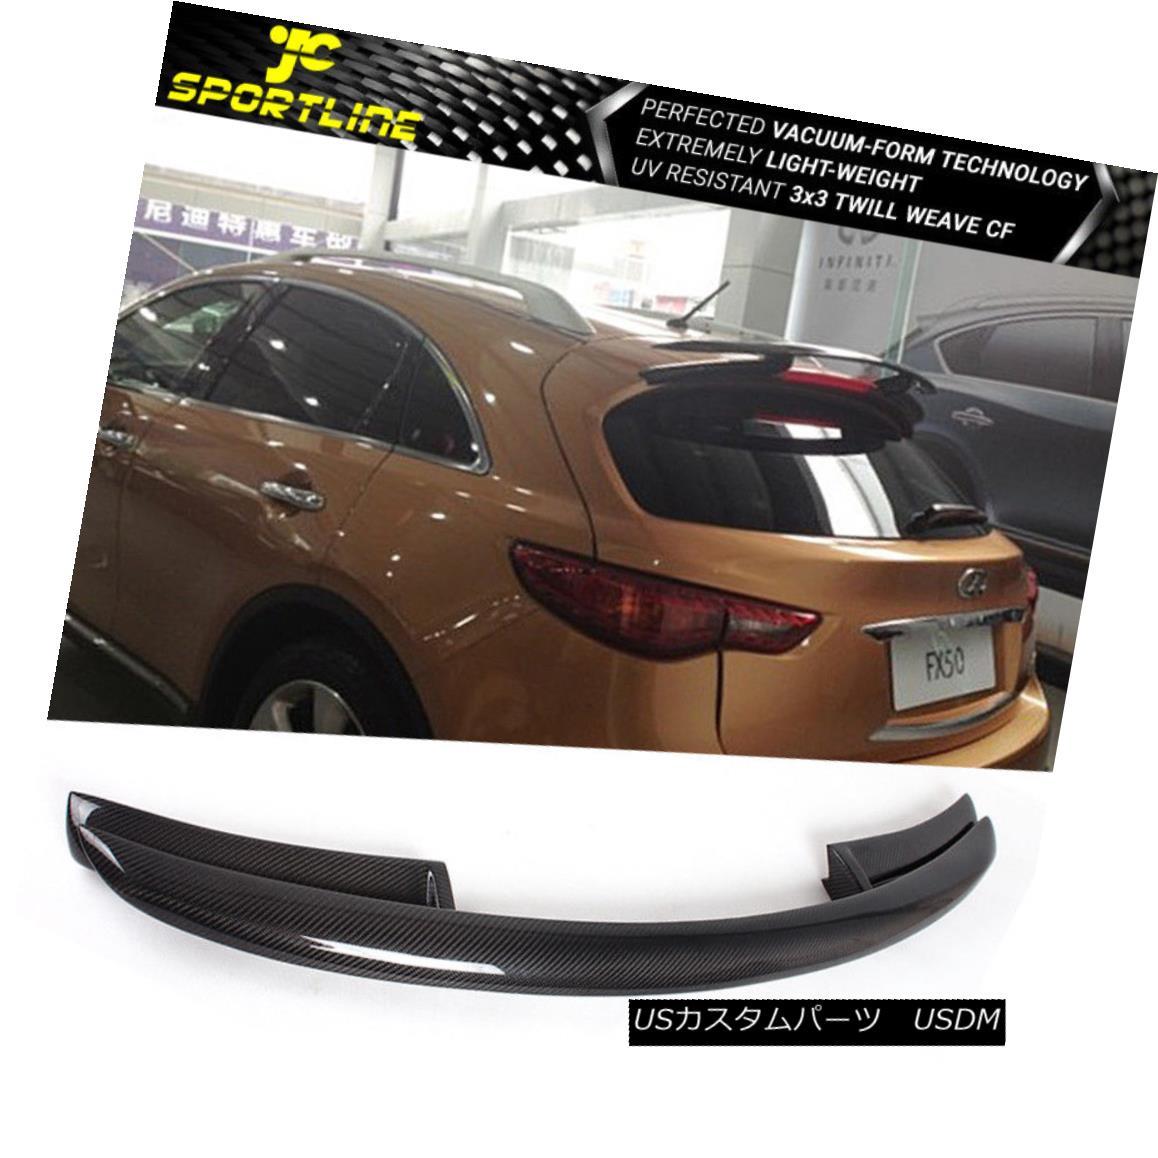 エアロパーツ Fits 09-12 Infiniti FX35 FX50 Roof Spoiler Wing Carbon Fiber フィット09-12インフィニティFX35 FX50ルーフスポイラーウィングカーボンファイバー